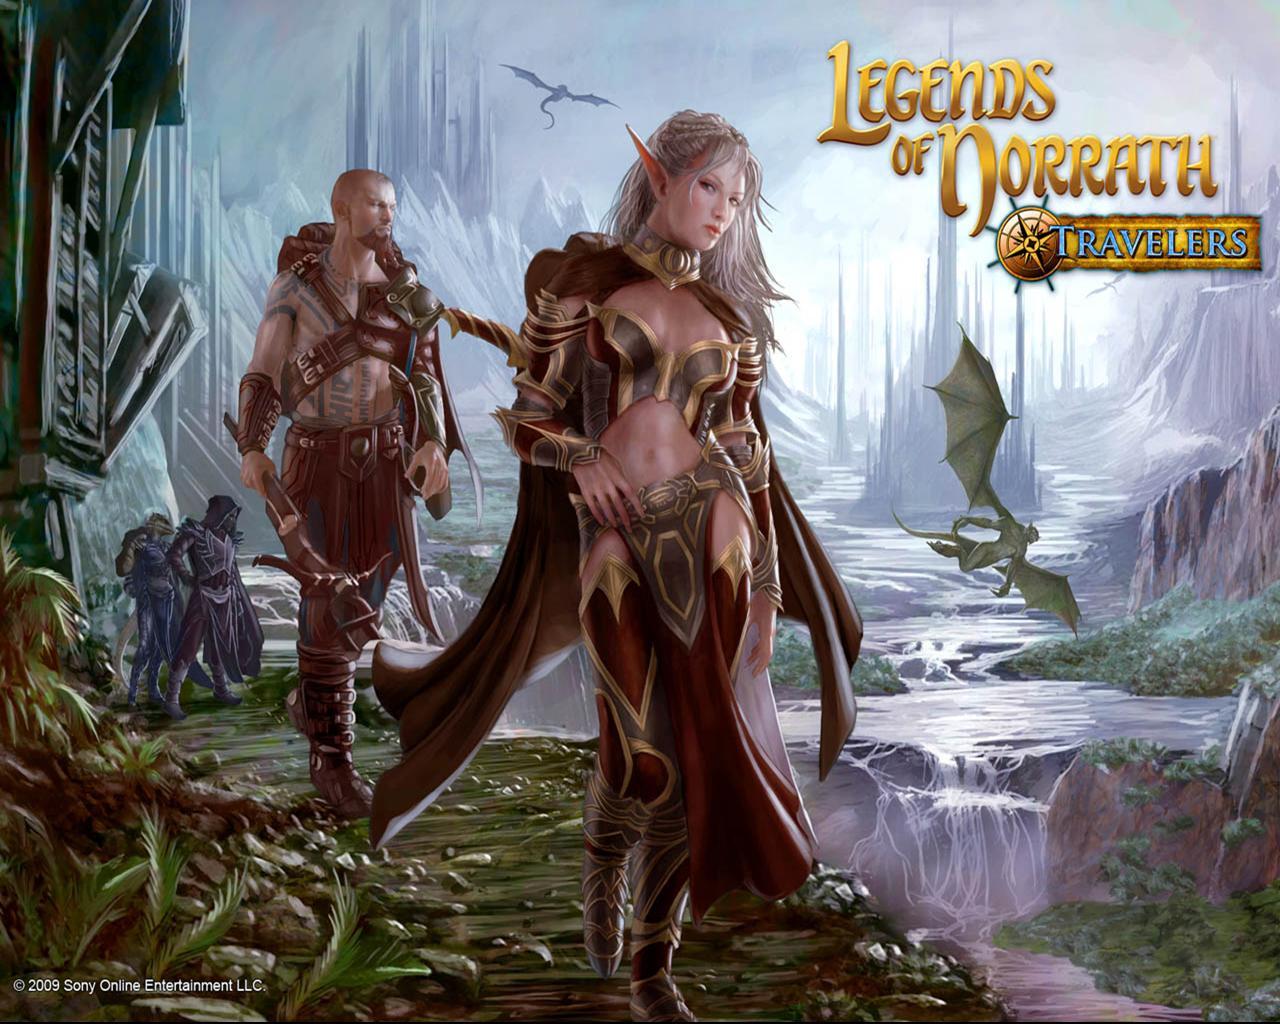 1280x1024 > Legends Of Norrath Wallpapers